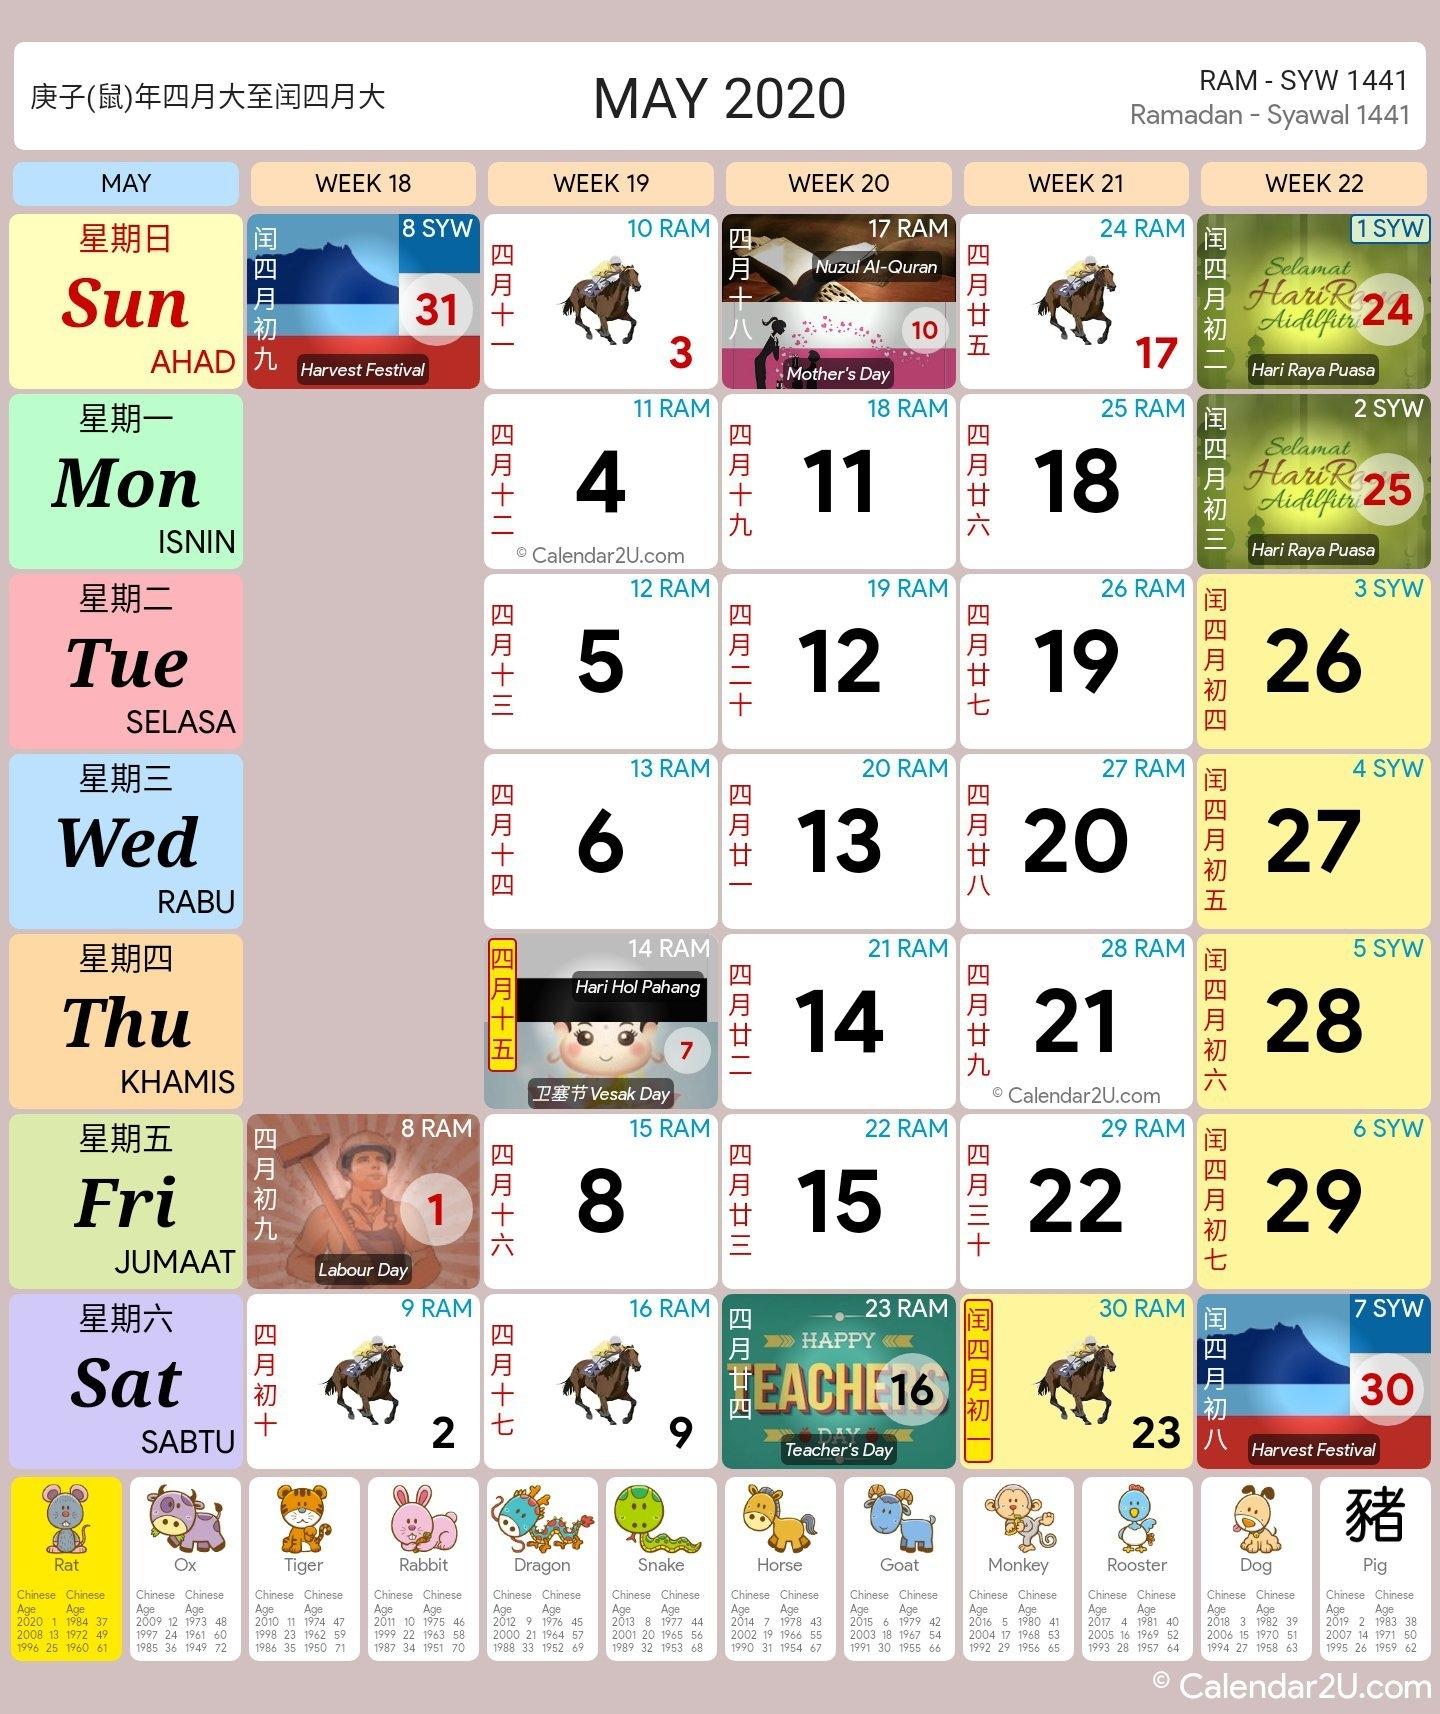 Kalendar Kuda May 2020 | Calendar For Planning throughout Template Kalendar 2021 Malaysia Image